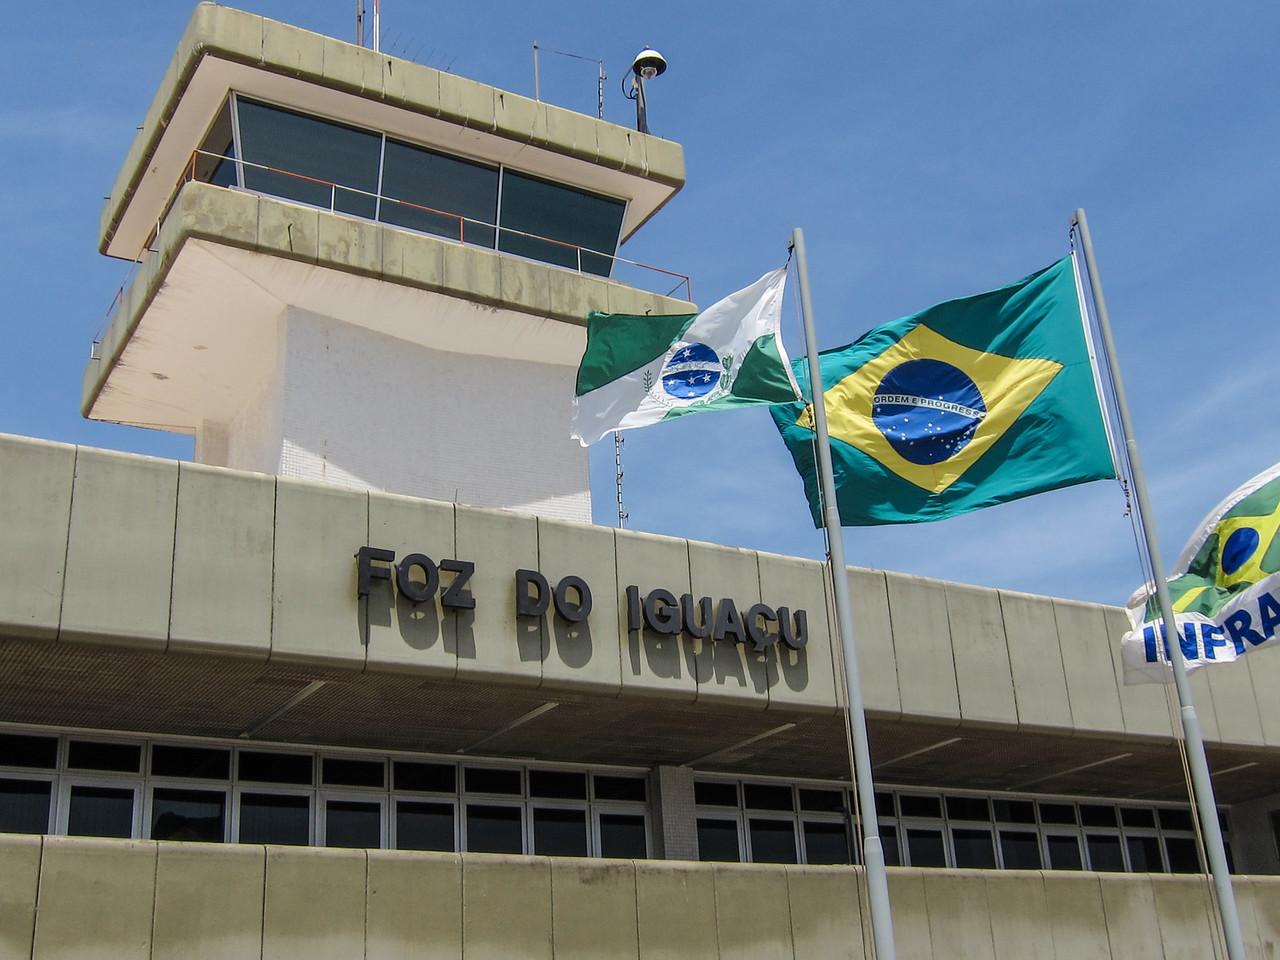 Fos do Iguacu Airport, Brazil.